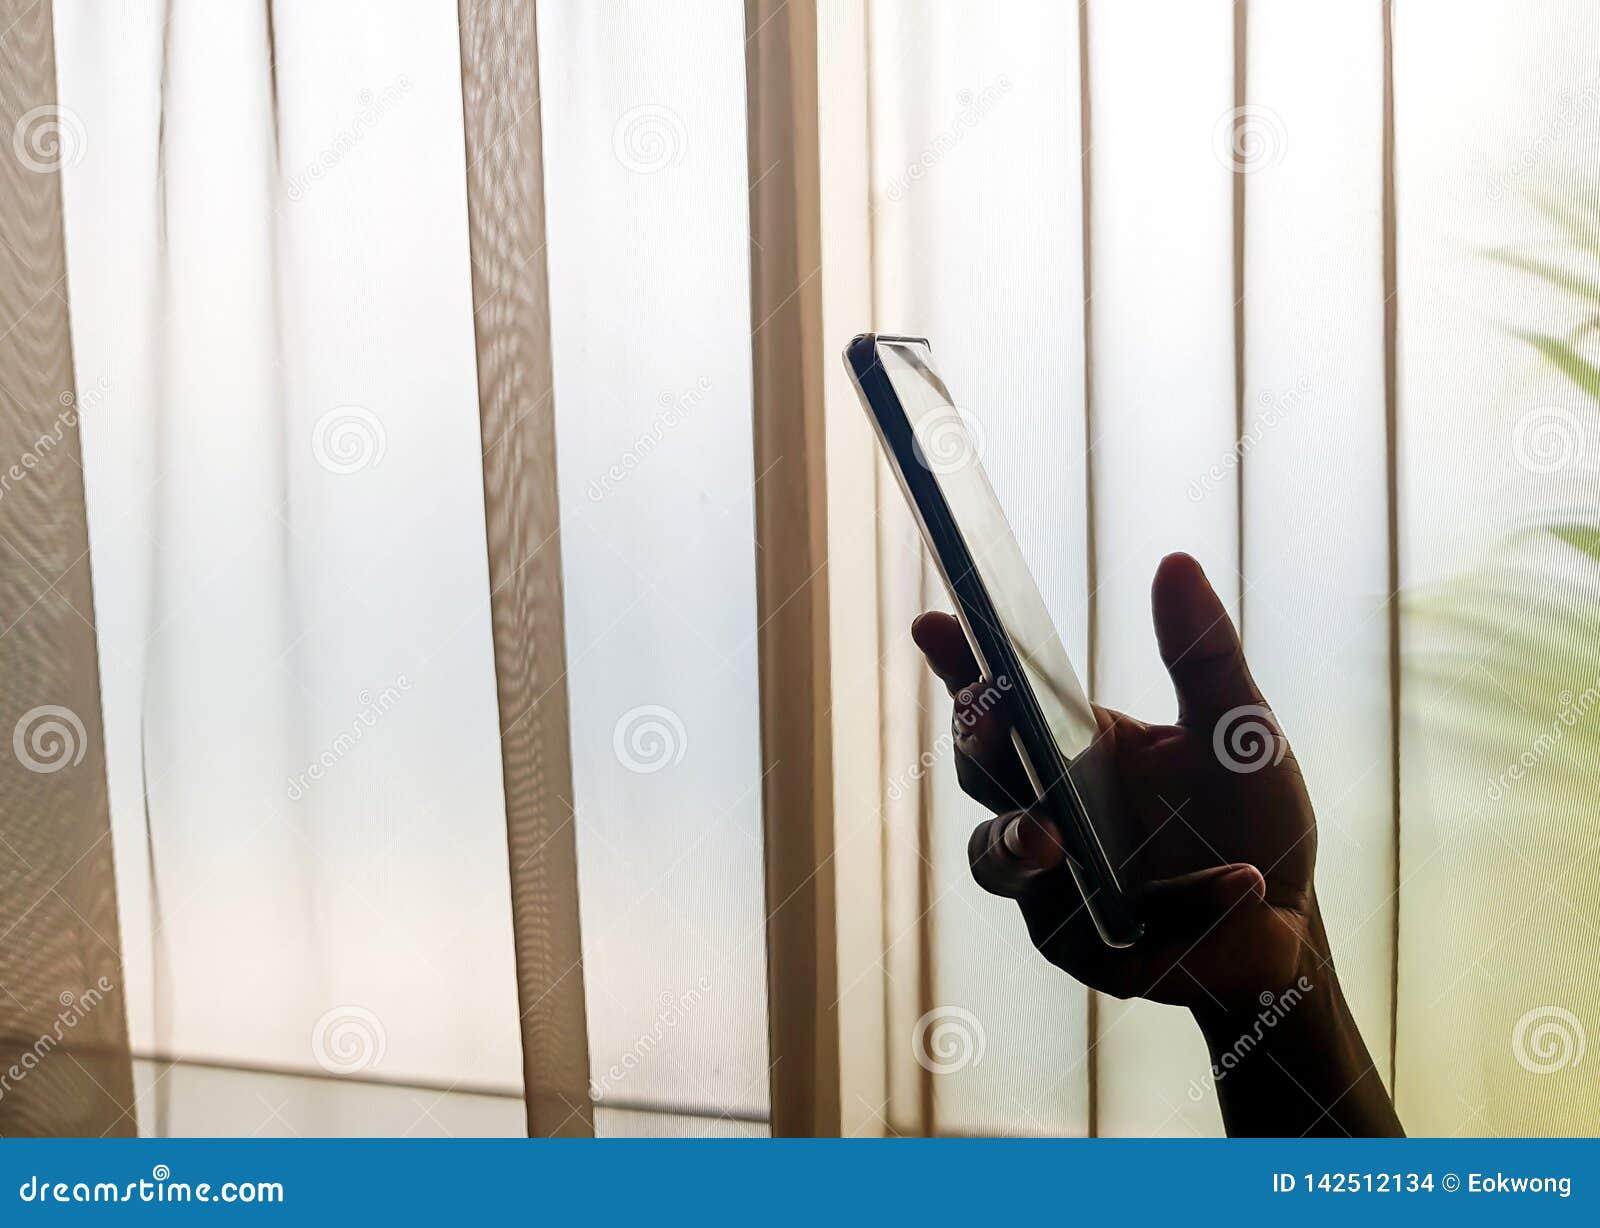 Χέρι προσώπου που κρατά ένα κινητό τηλέφωνο στο εσωτερικό, εκτός από ένα παράθυρο